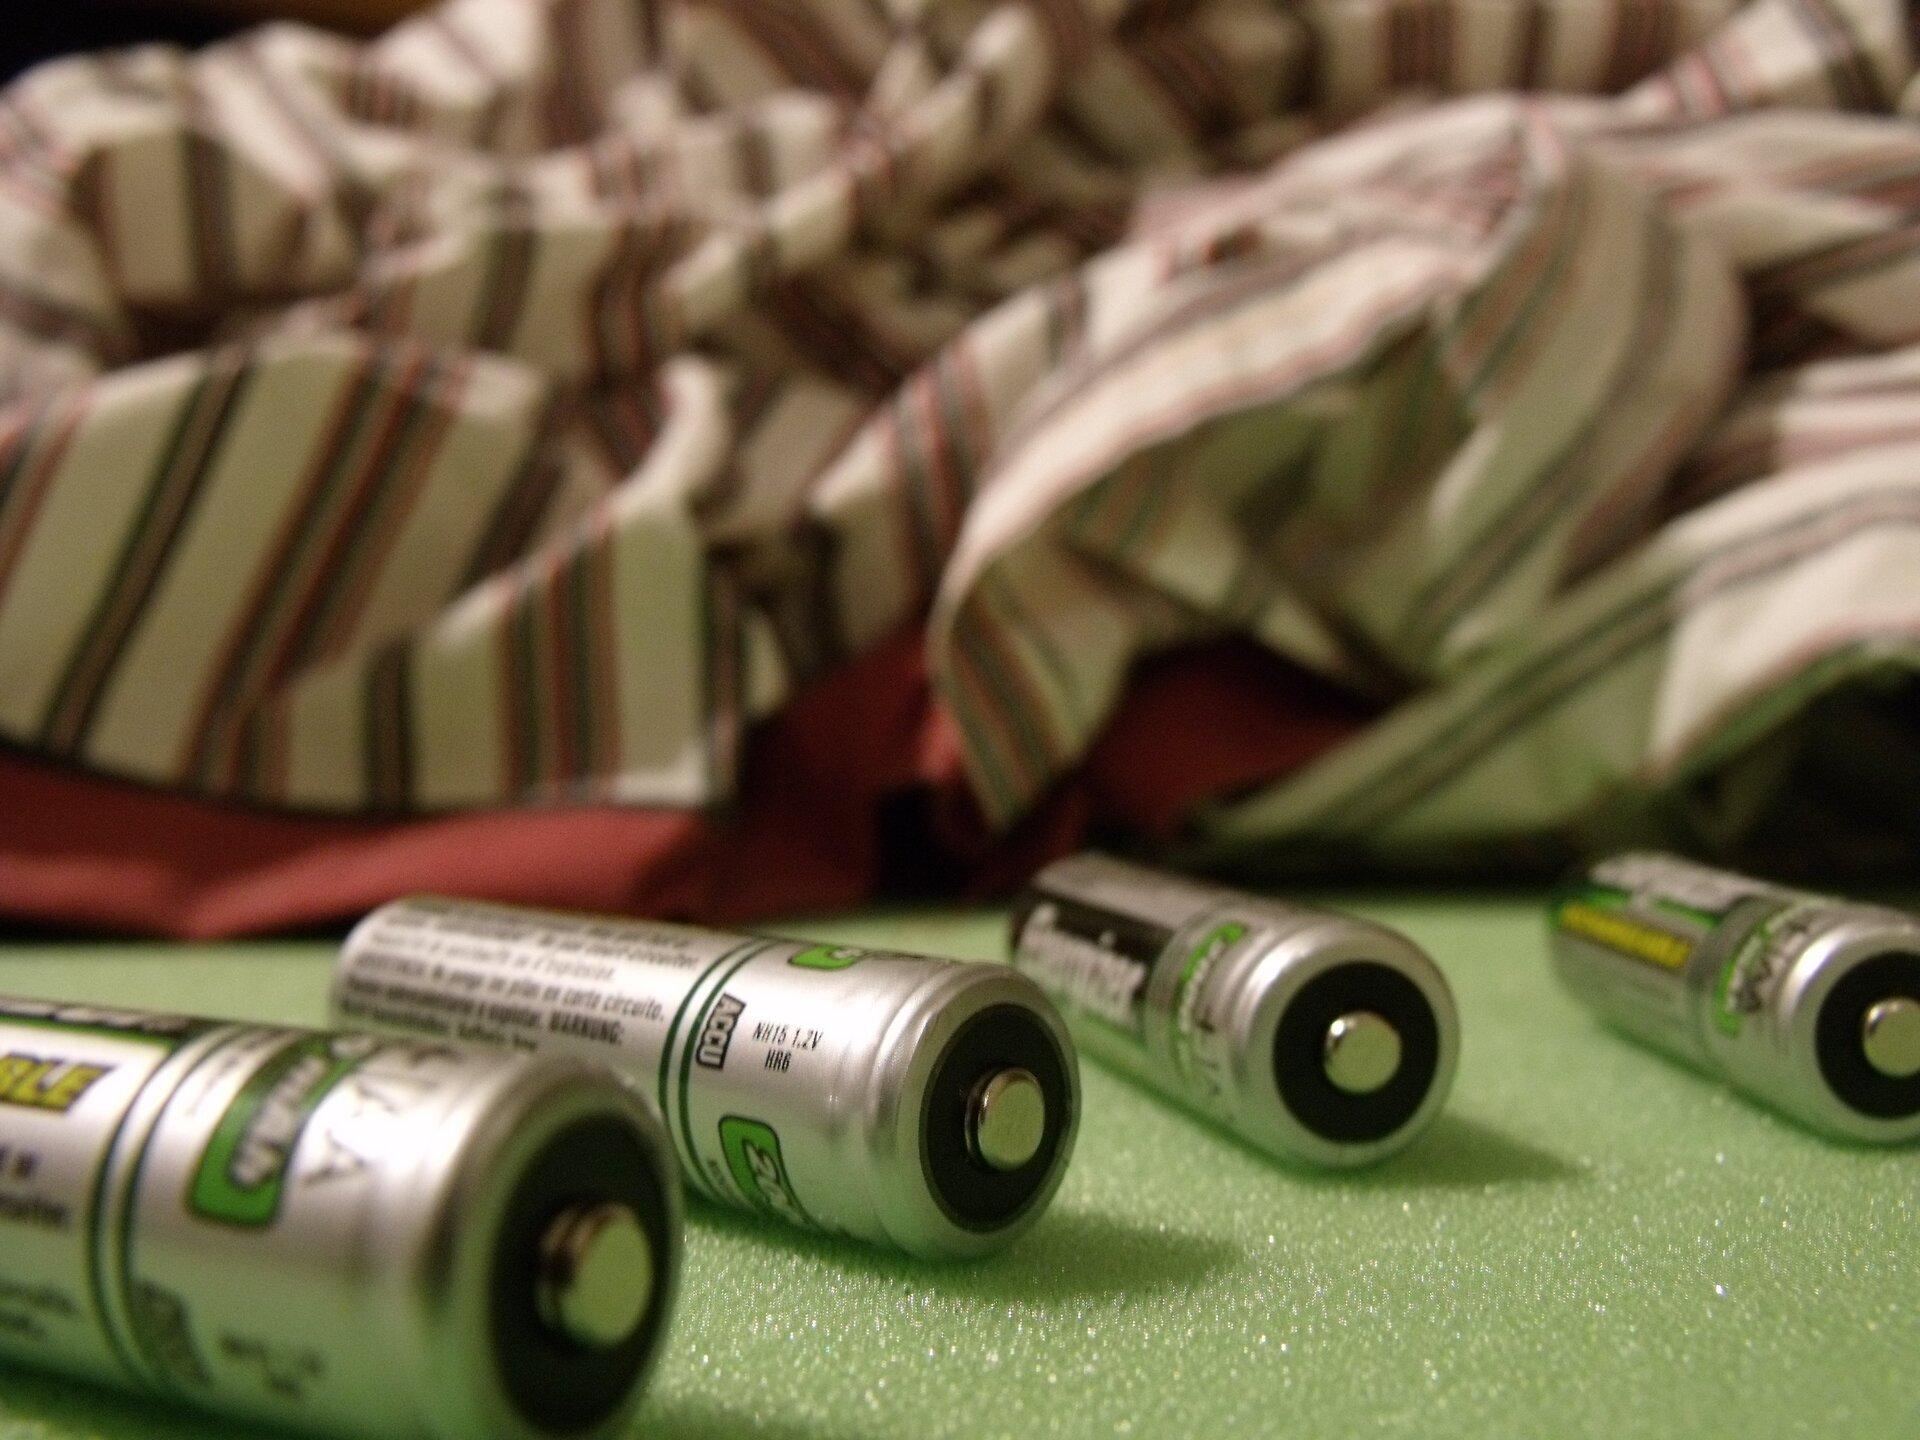 Zdjęcie przedstawia cztery akumulatorki niklowo wodorkowe typu AA, czyli popularne paluszki leżące na zielonej podkładce zgąbki. Wtle, wobszarze nieostrym zdjęcia rozłożony pasiasty materiał.